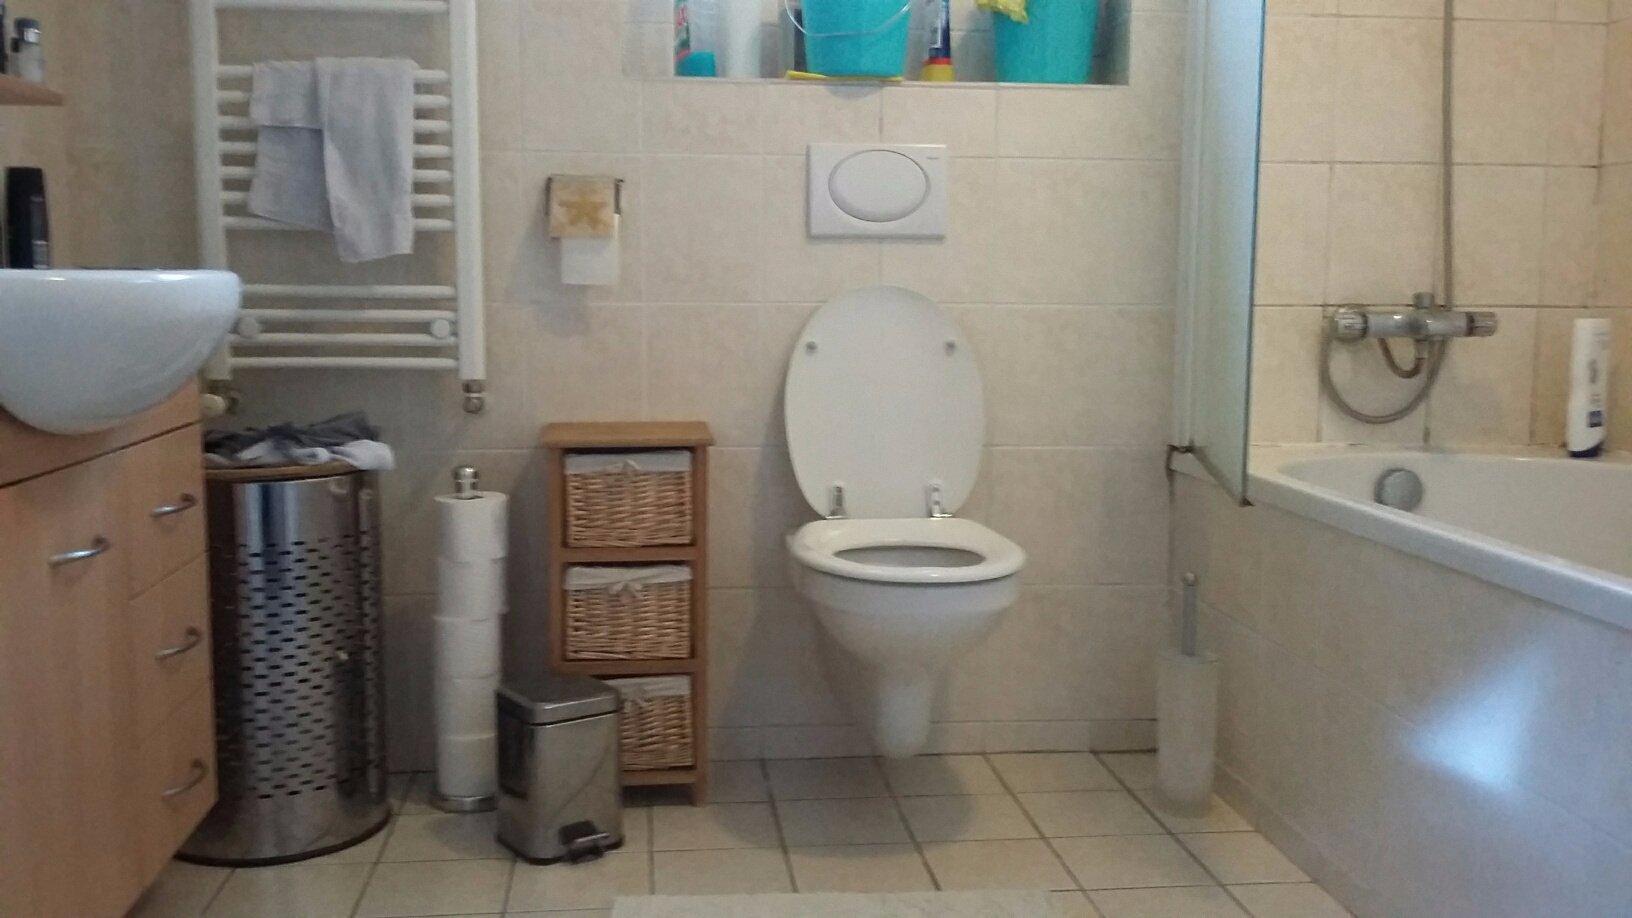 Badkamer Renoveren Douche : Badkamer renoveren douche het meest verbazingwekkend en ook